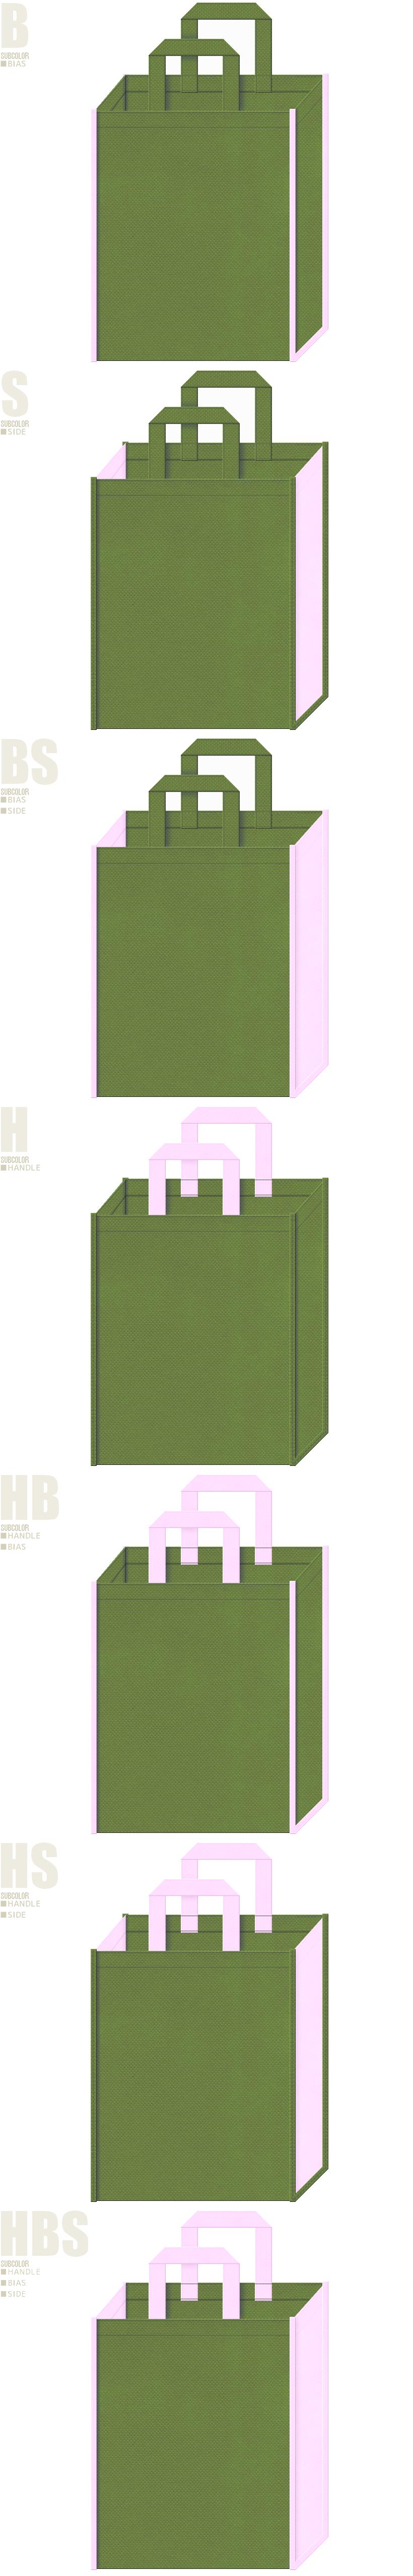 草色と明るめのピンク色、7パターンの不織布トートバッグ配色デザイン例。和風スイーツ・和風催事・民話(ももたろう)・3色団子・桜餅